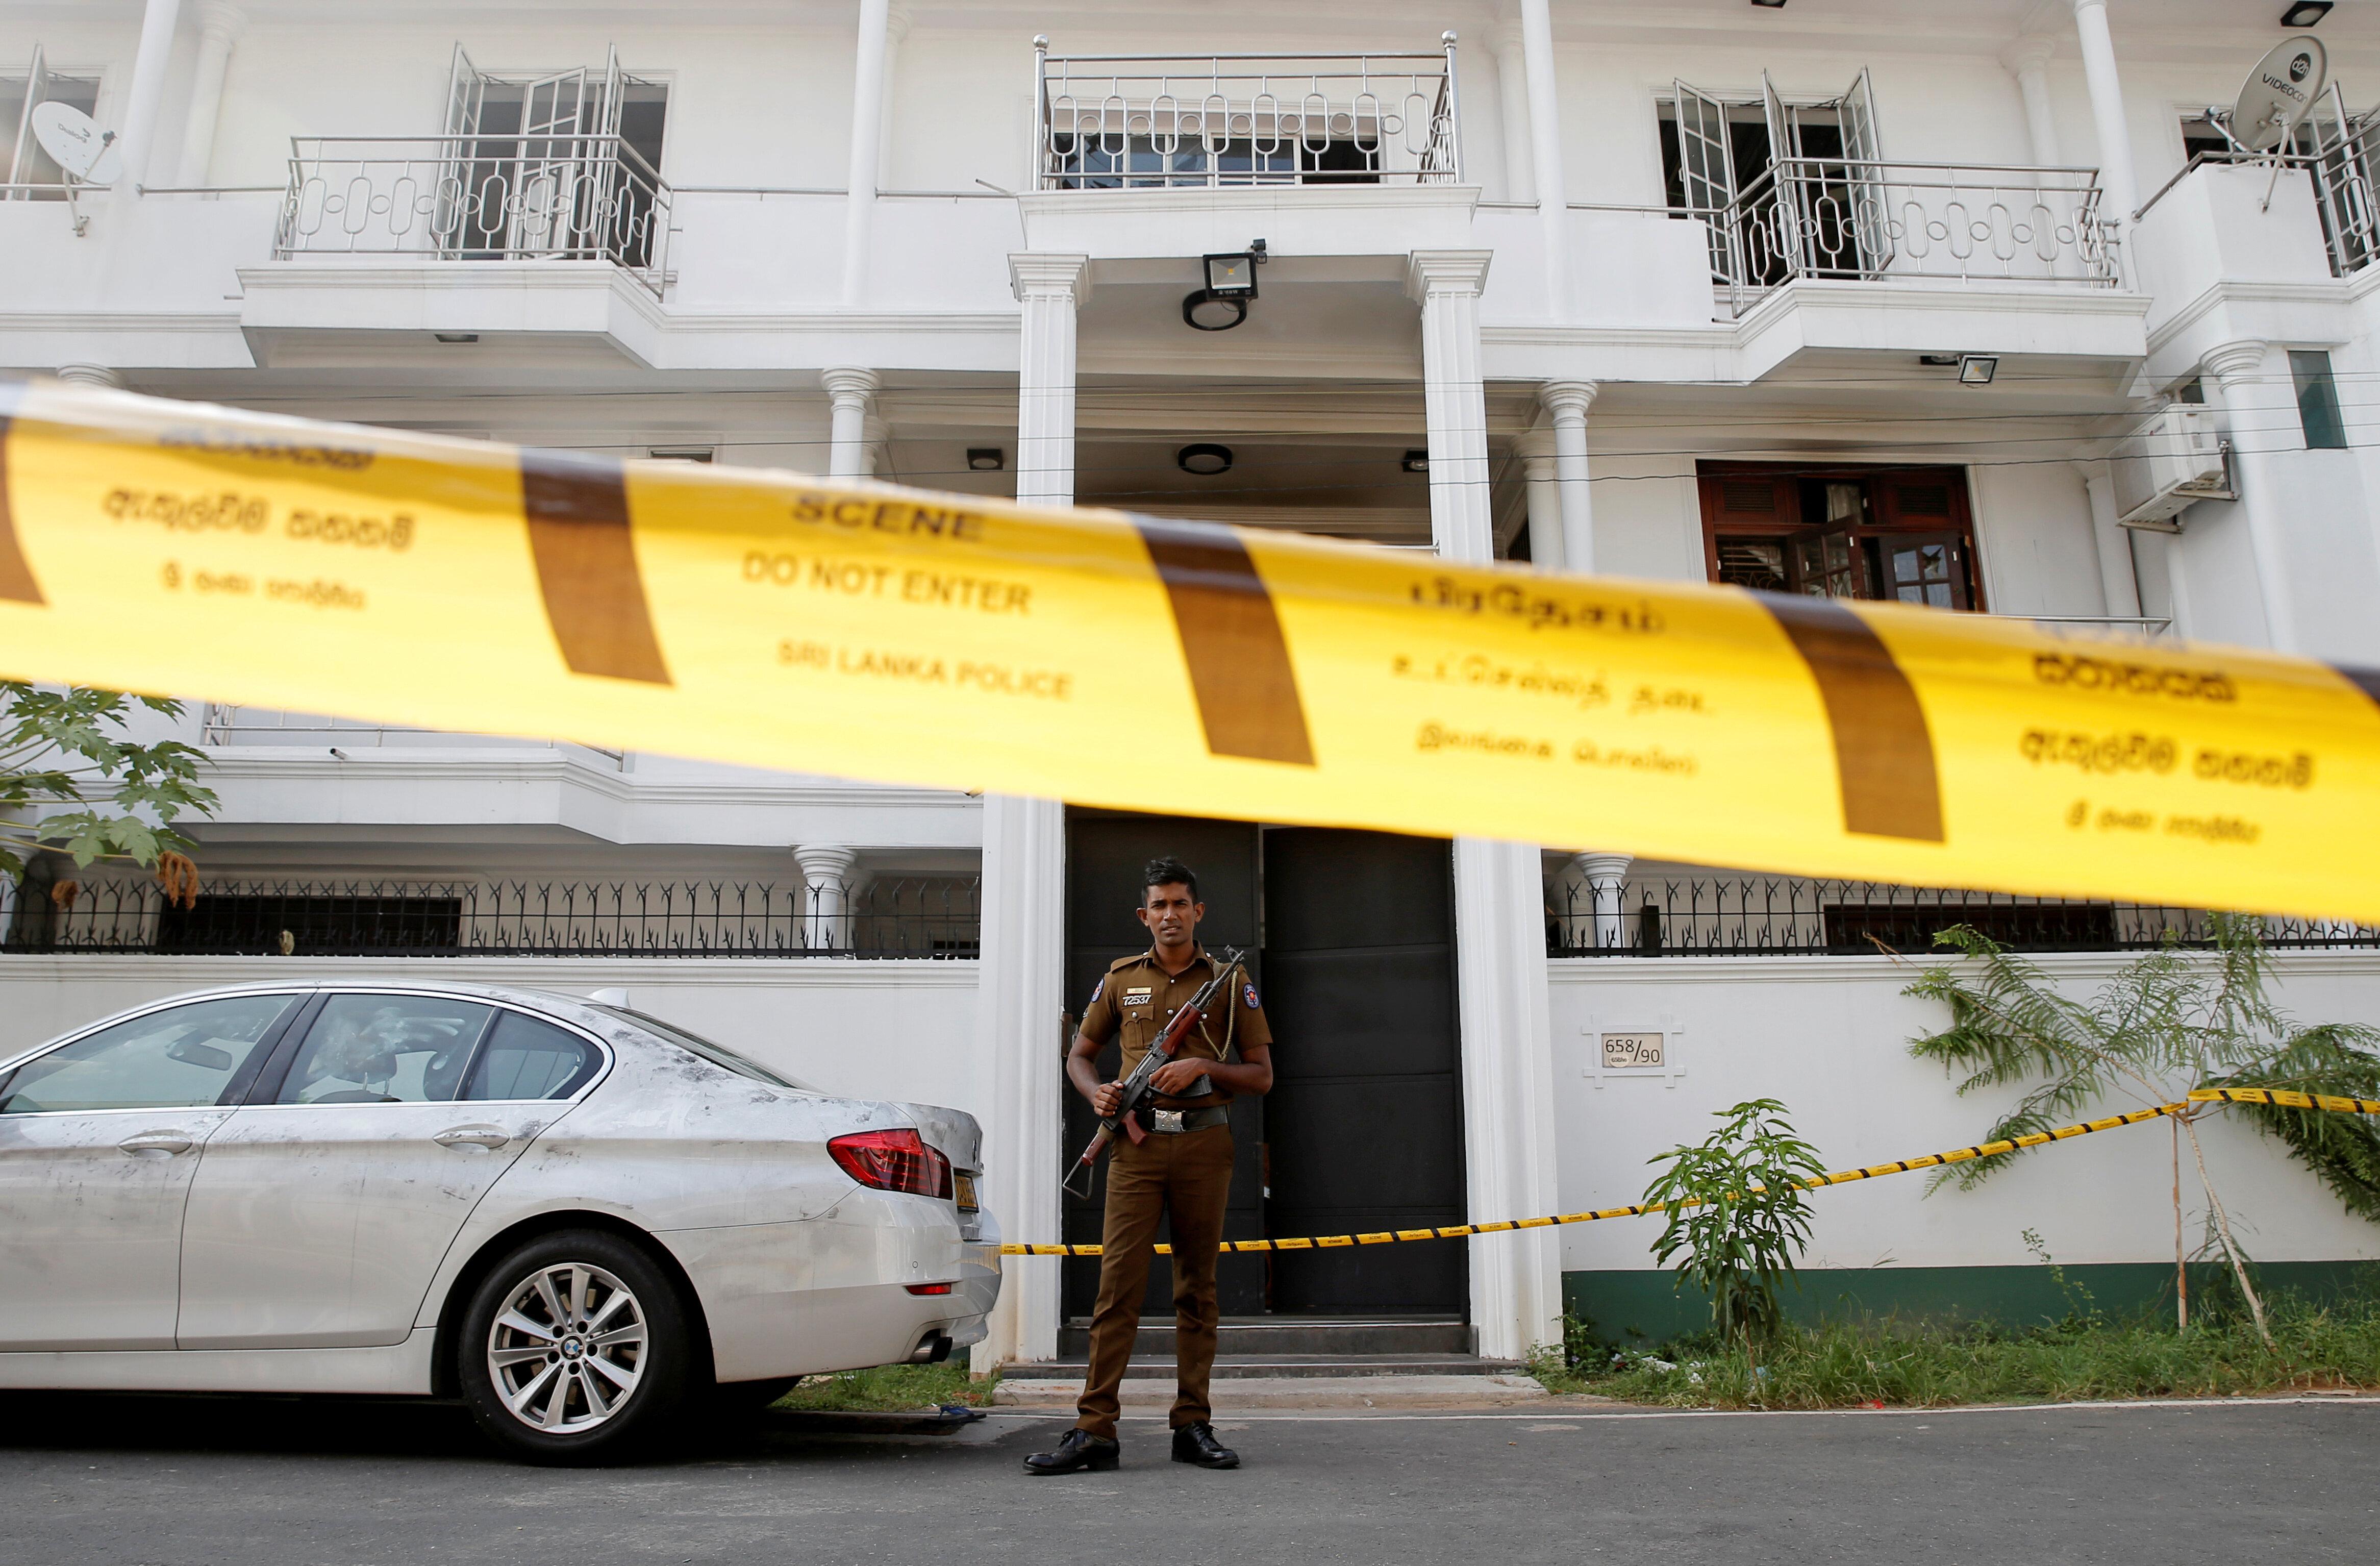 스리랑카 자살폭탄 공격범들 : 재벌 2세, 해외 유학파,